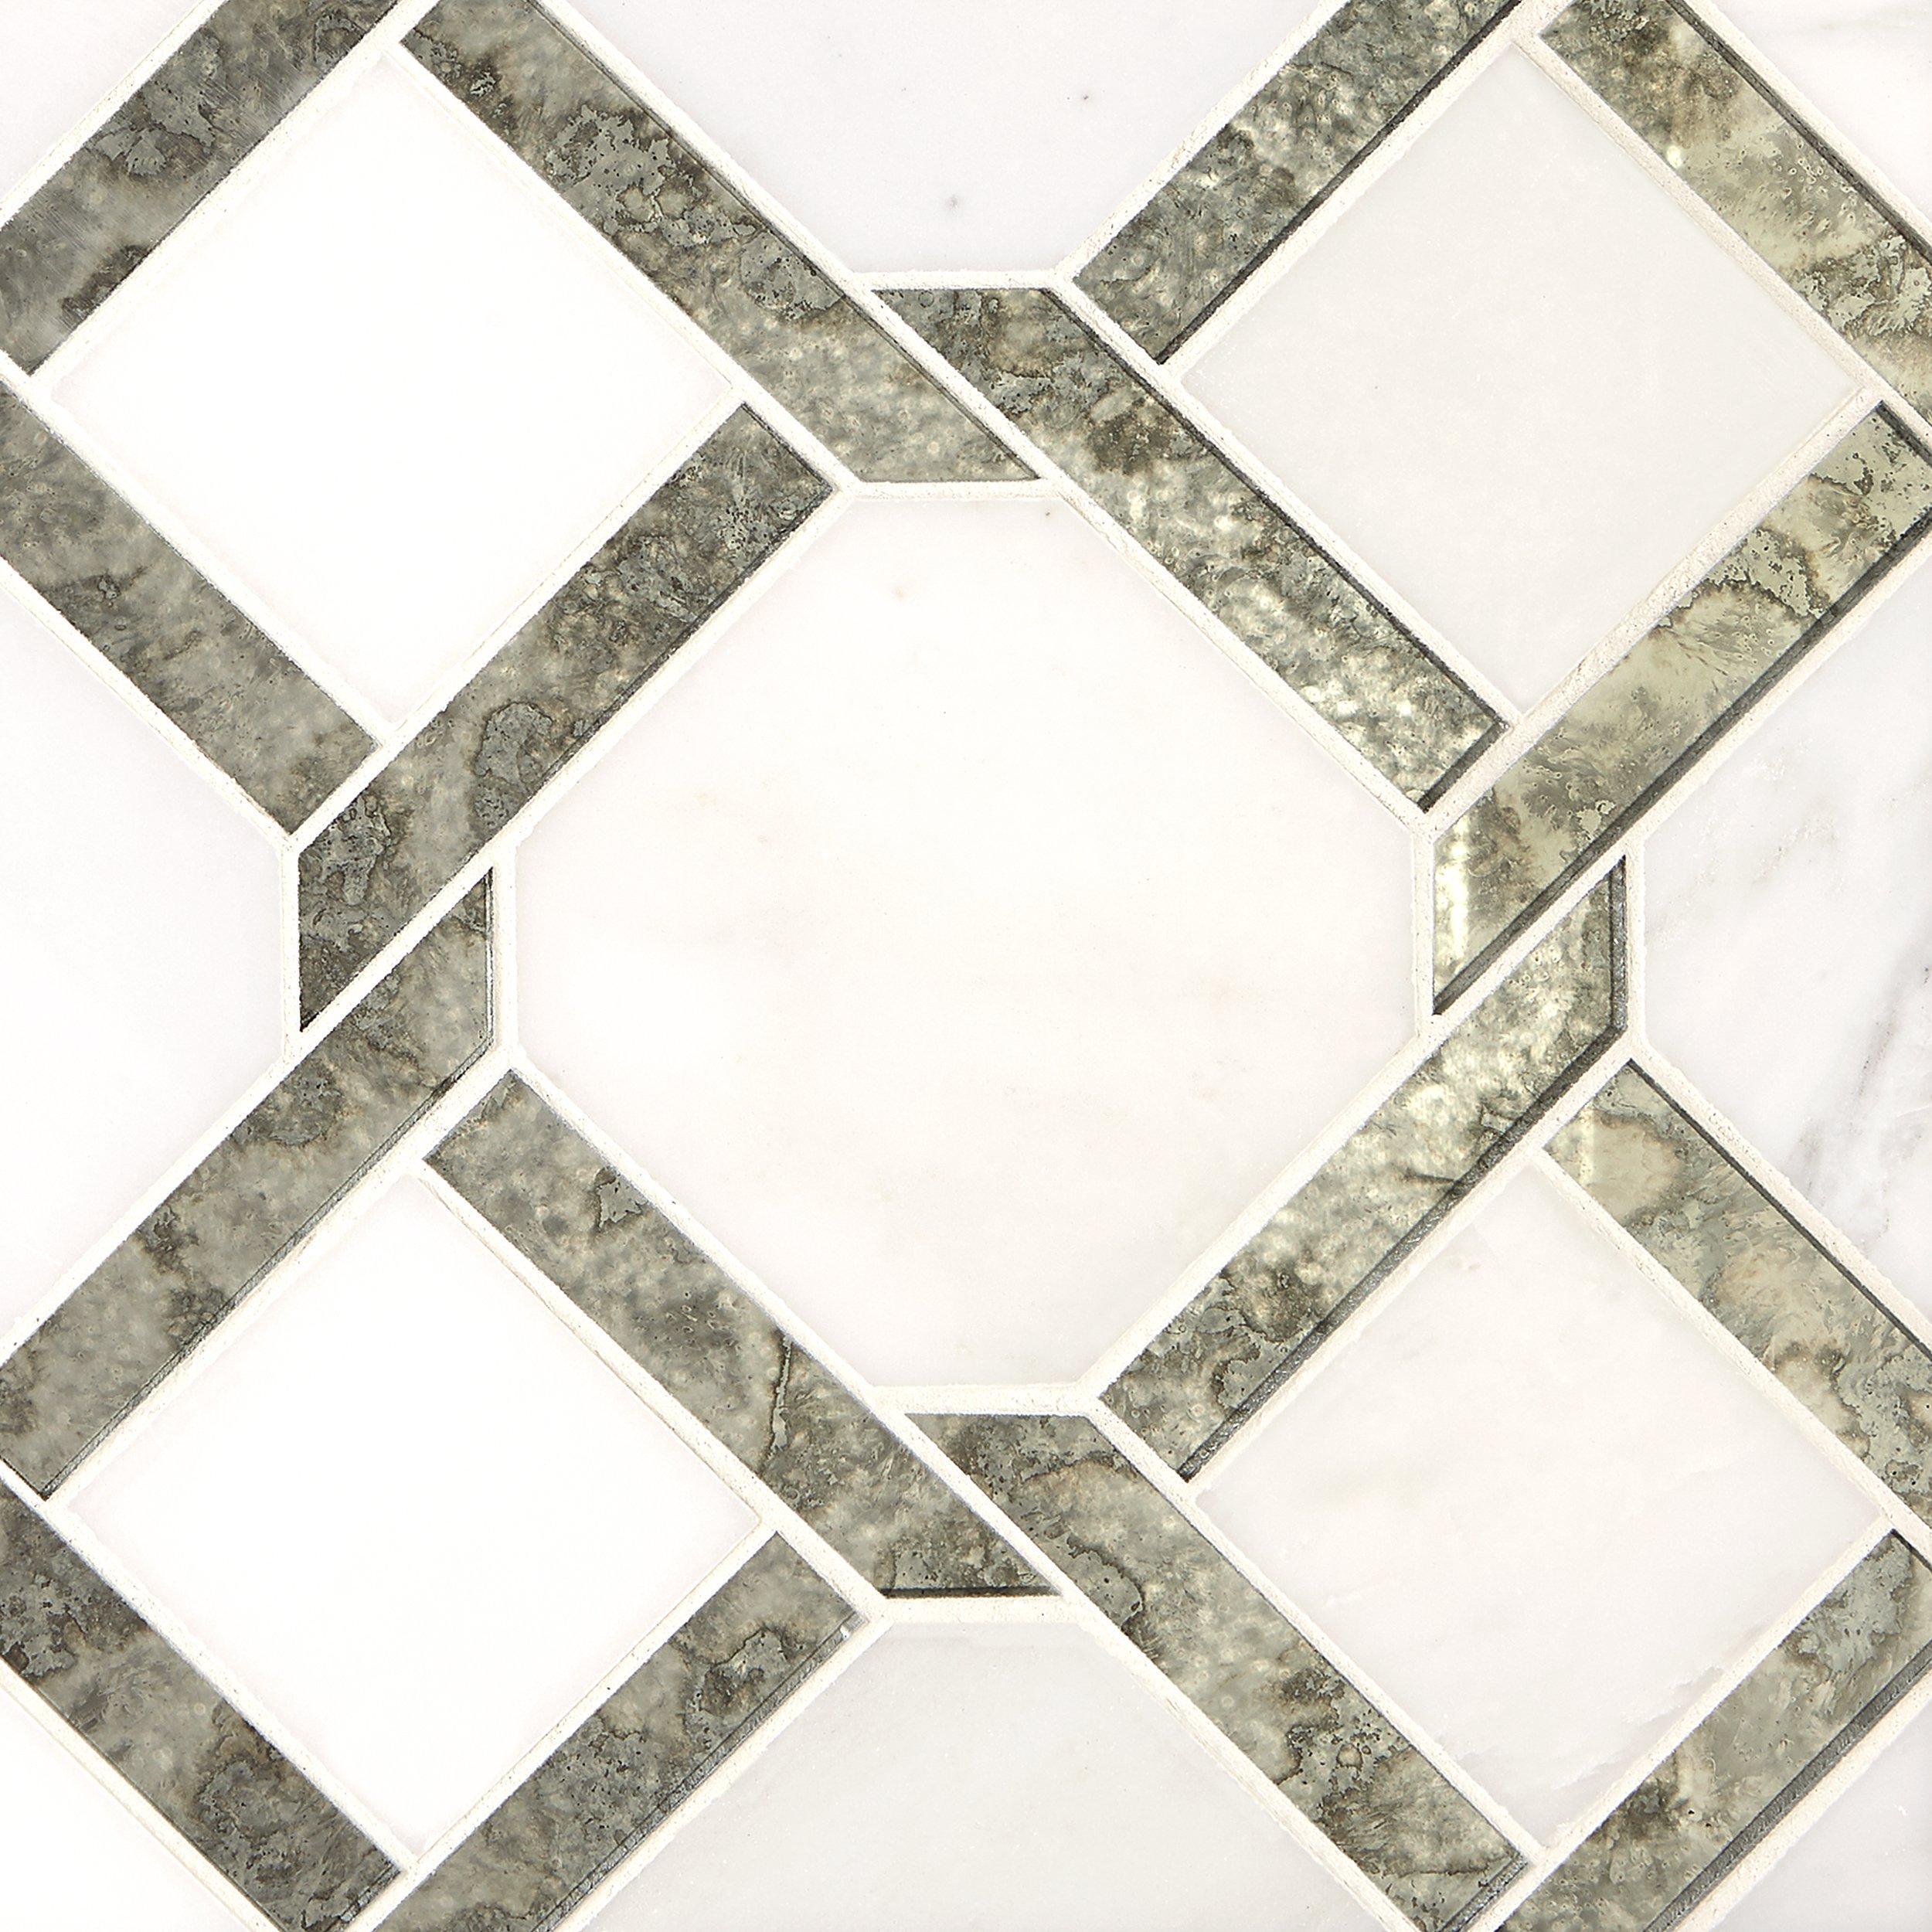 Seville Carrara White Waterjet Marble Mosaic Waterjet Marble Marble Mosaic Decorative Tile